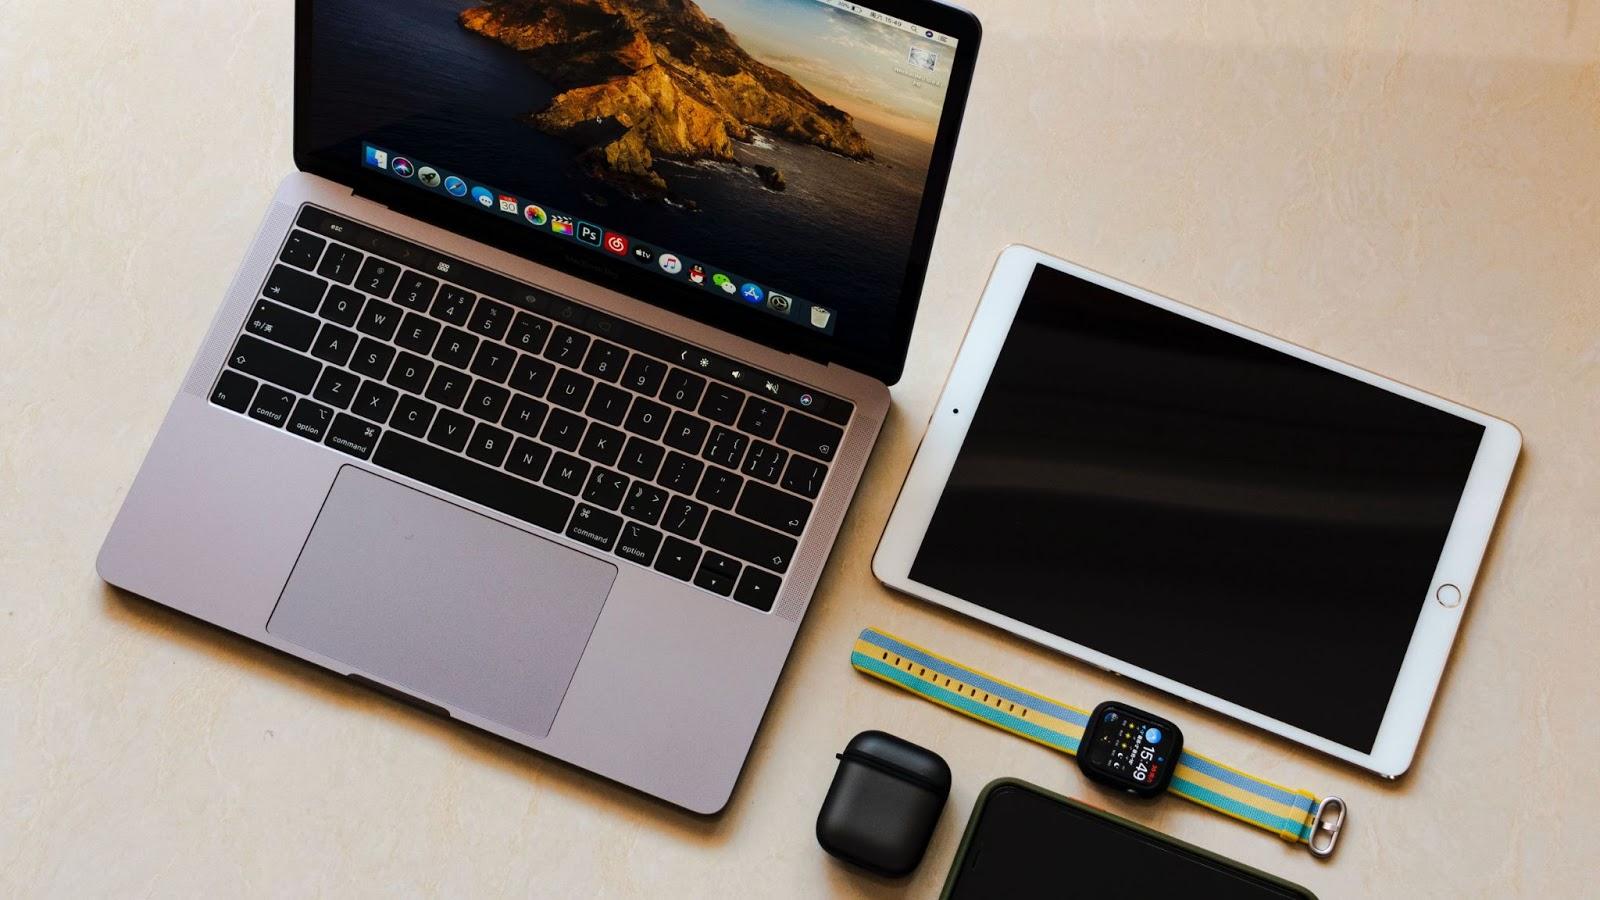 Matériel informatique et objets connectés vus du dessus, posés sur une table